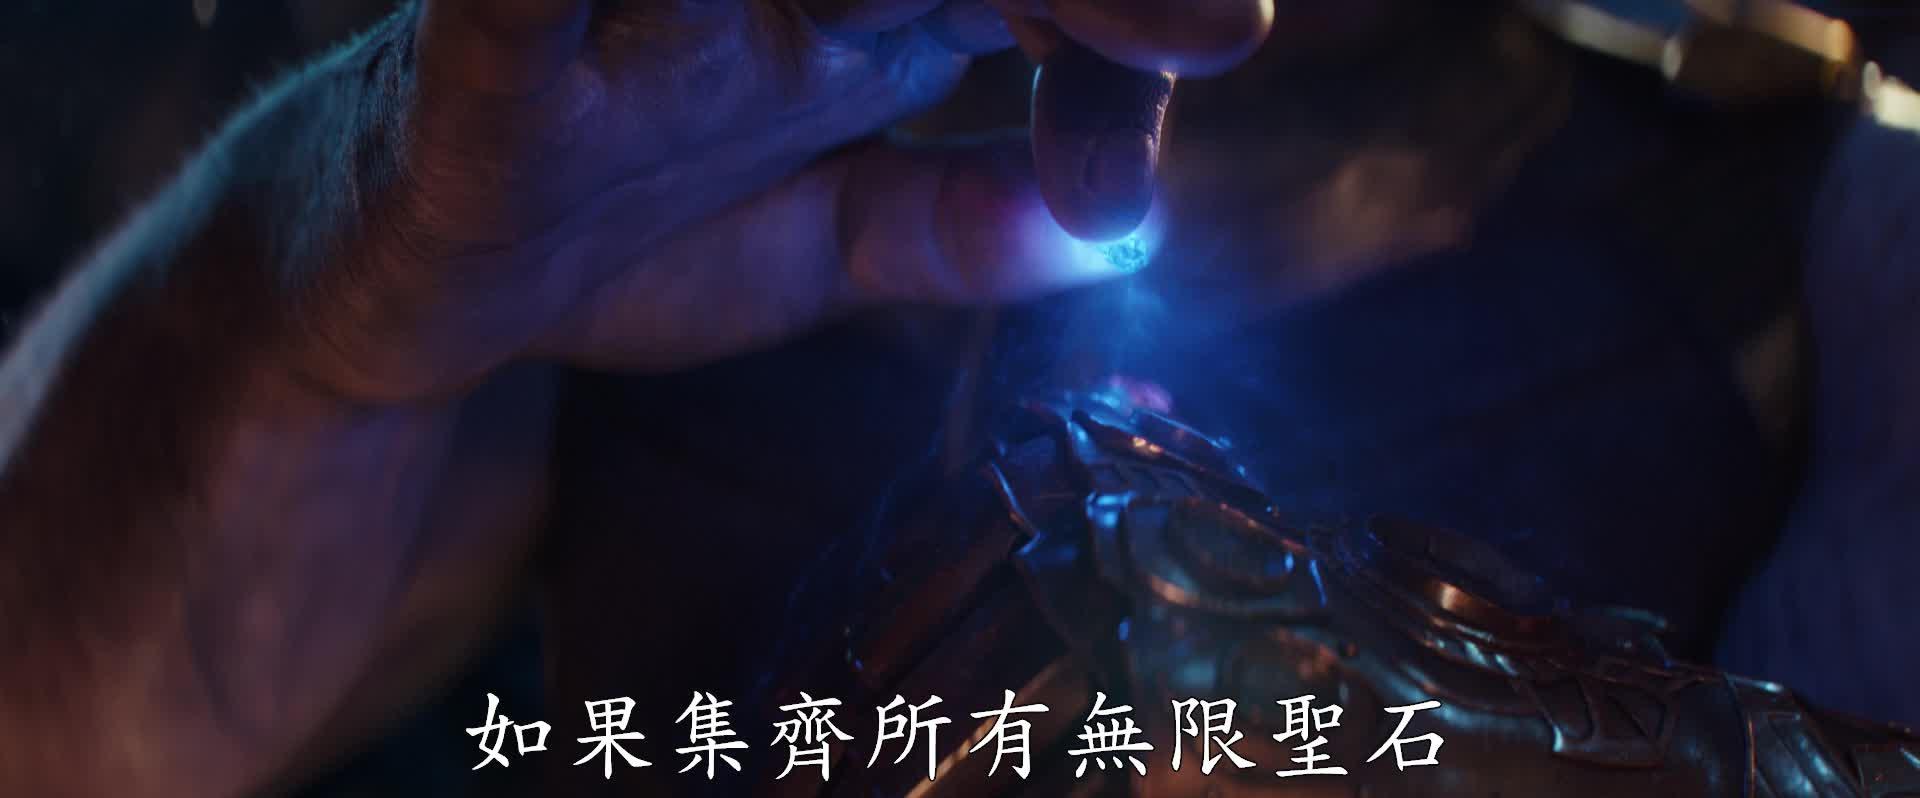 《復仇者聯盟3無限之戰》預告2